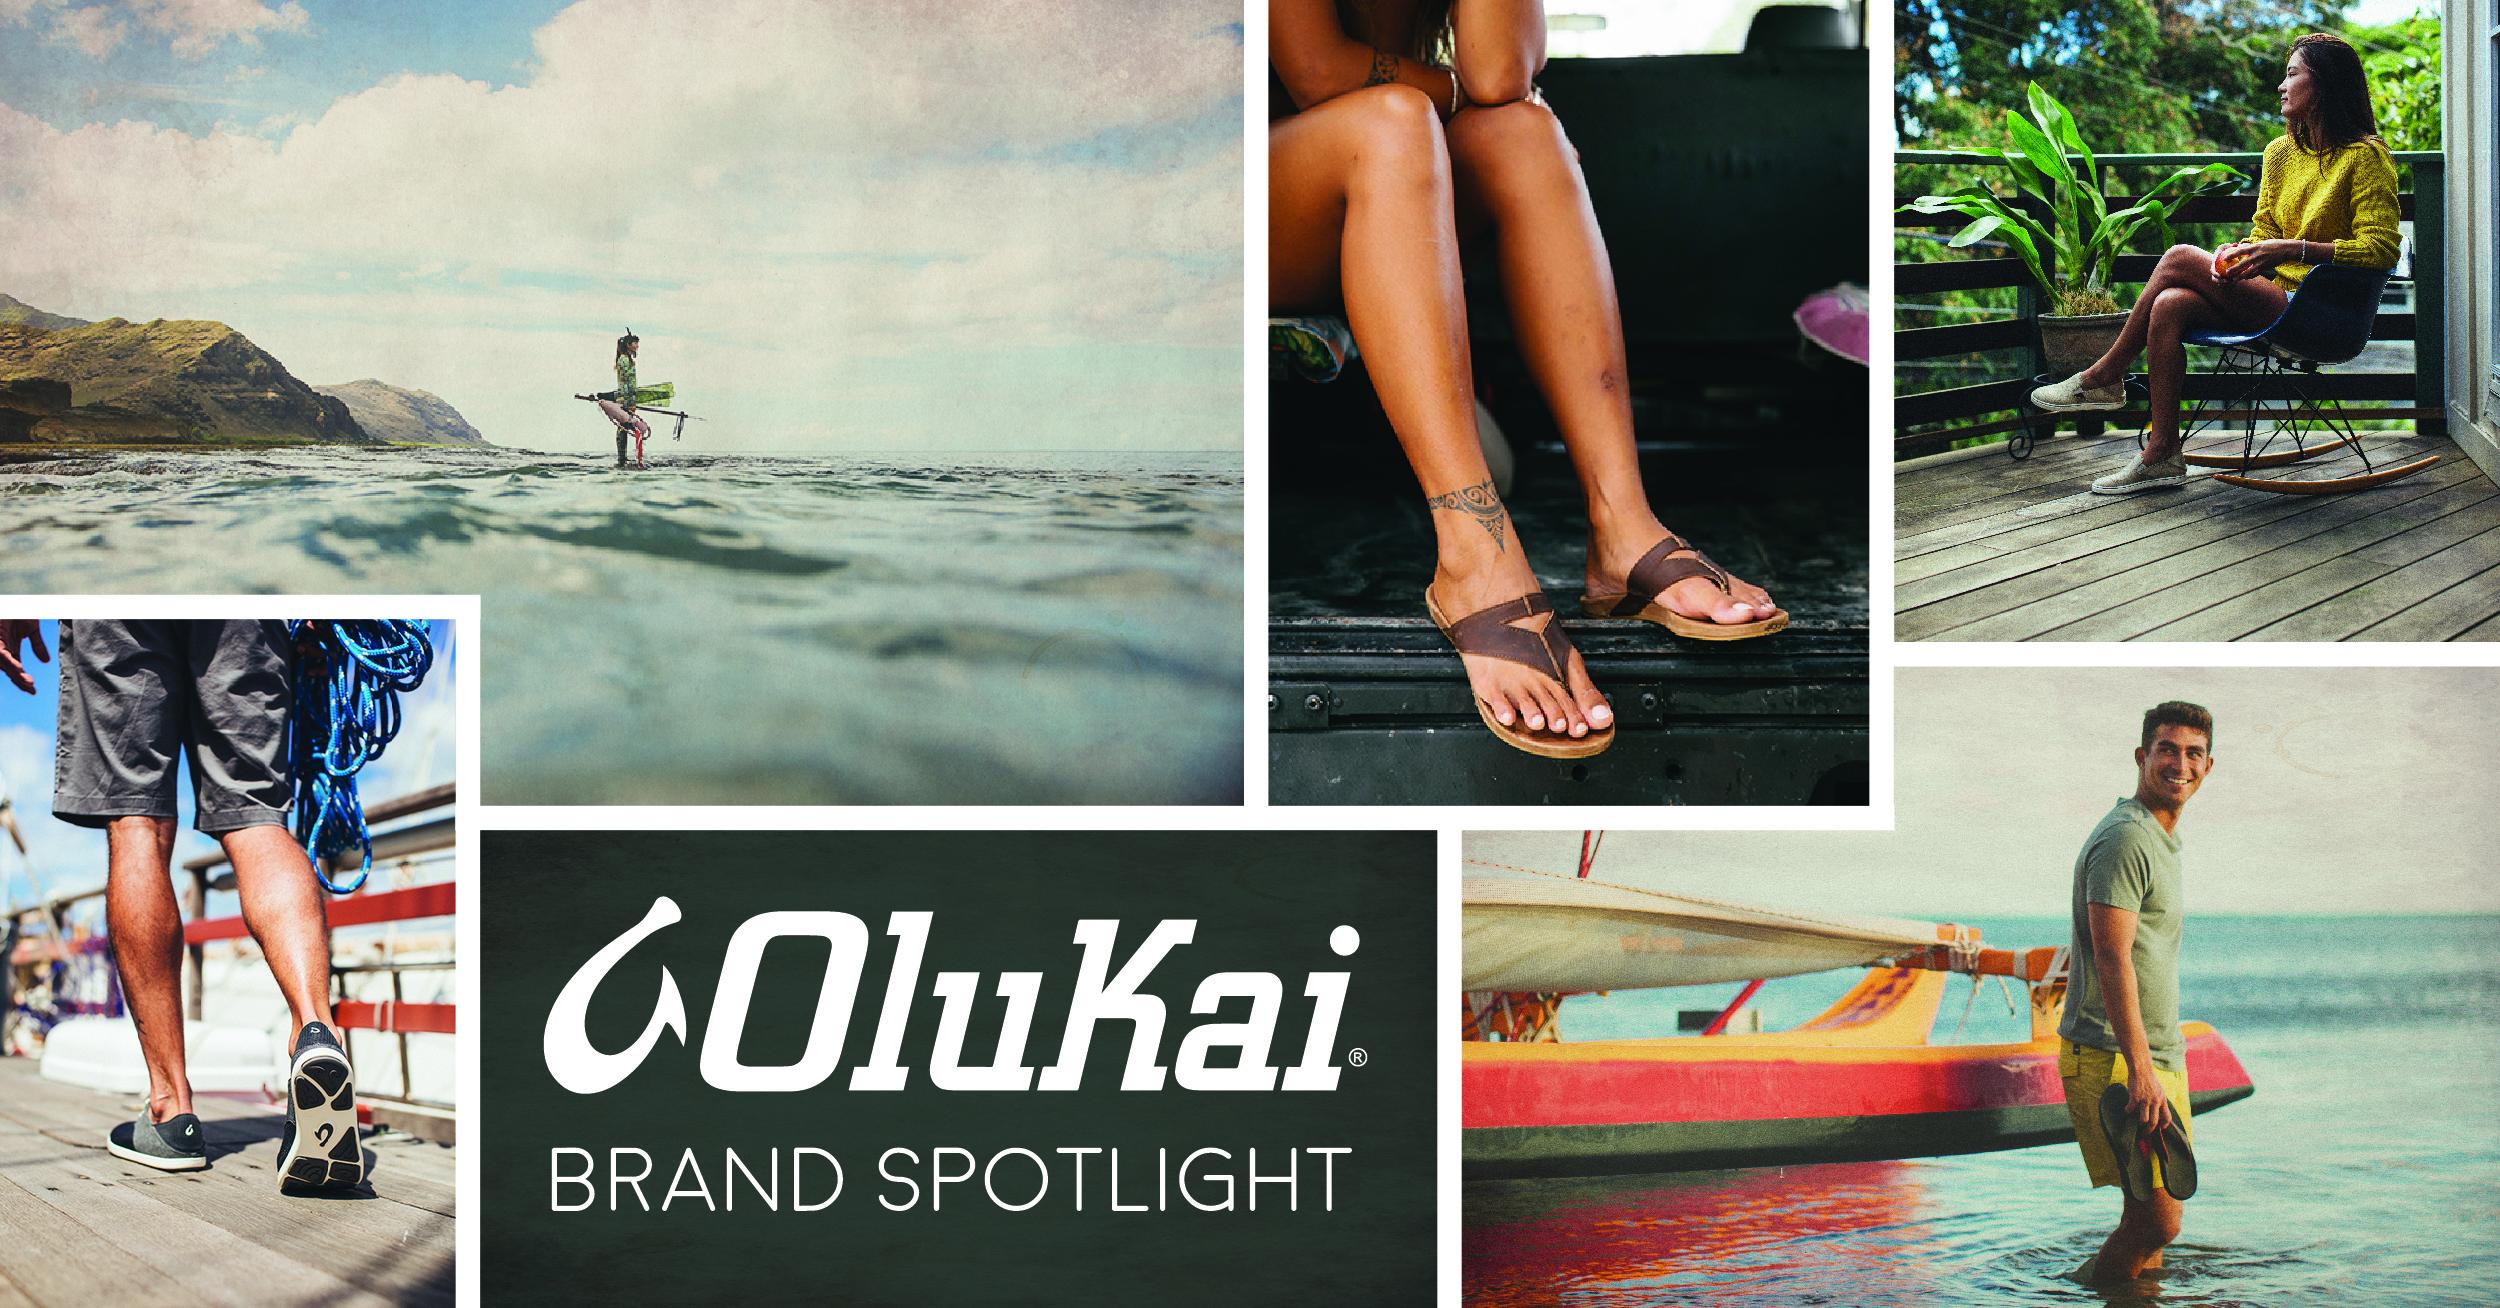 Brand Spotlight: OluKai